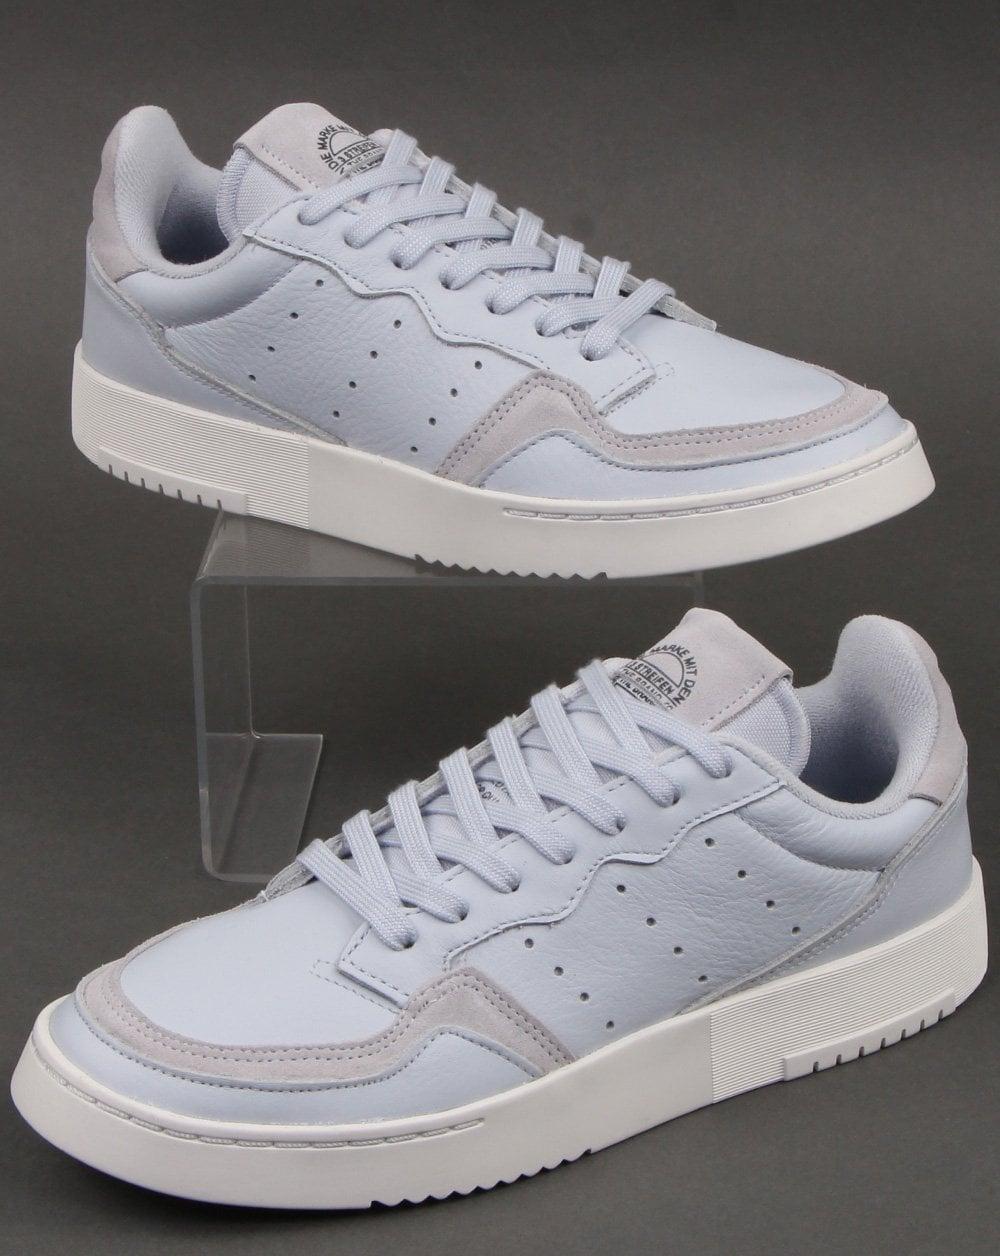 Adidas Supercourt Trainers white - Aero